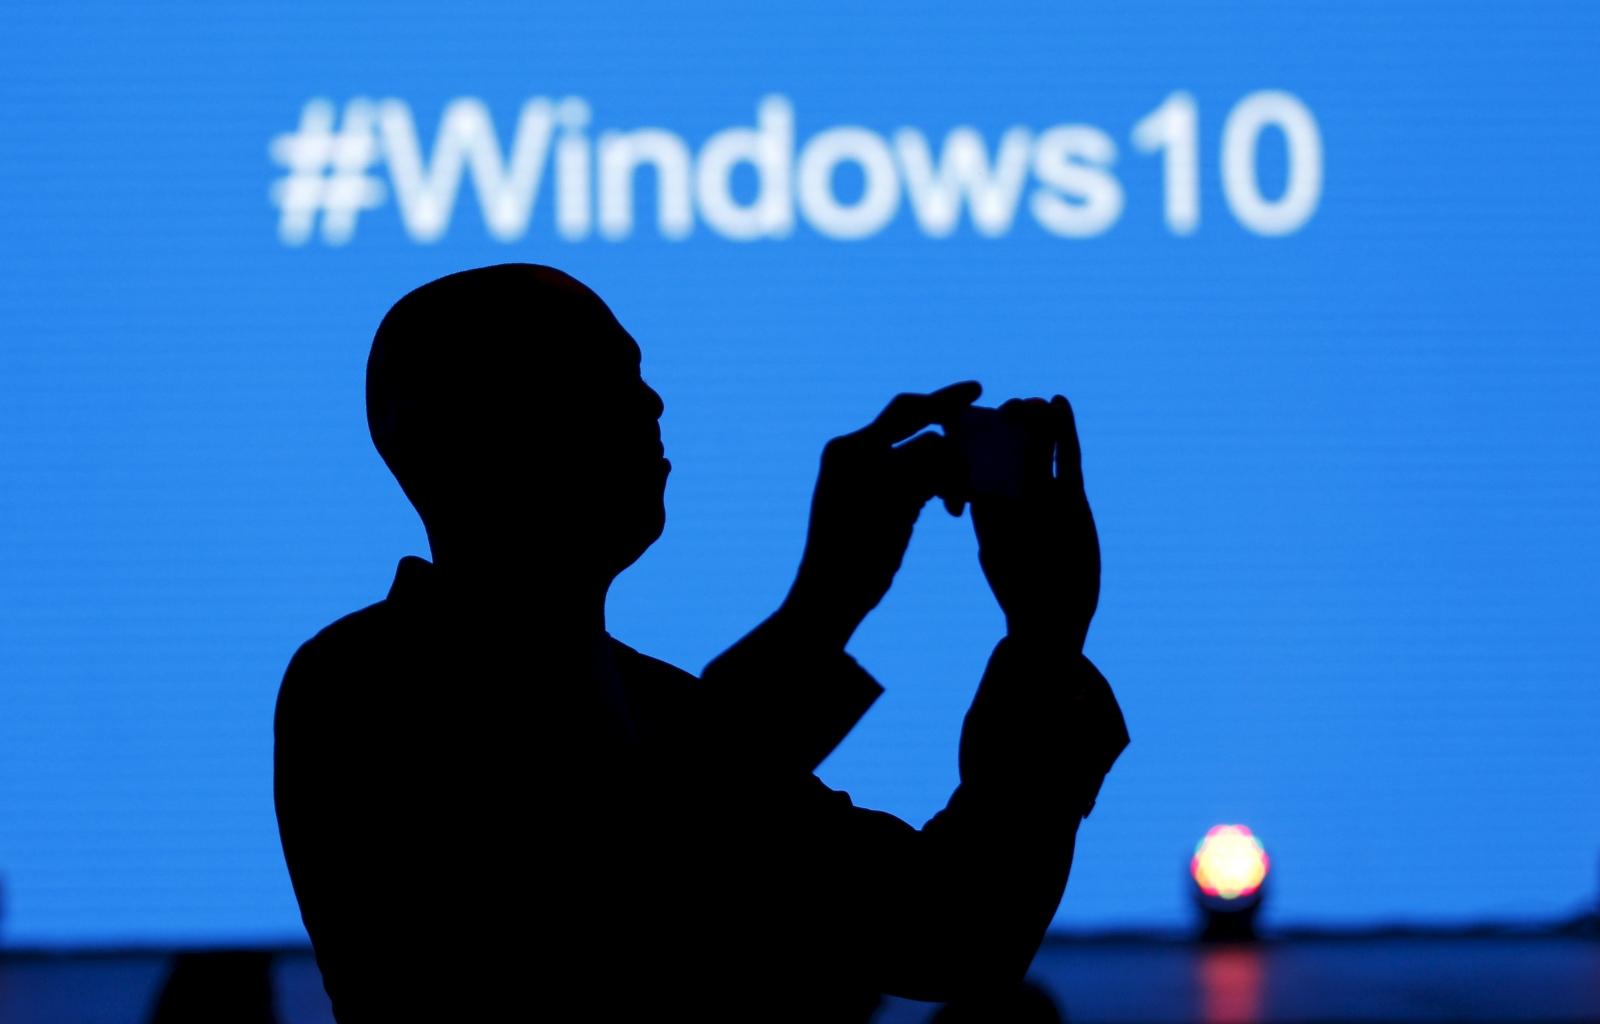 Windows 10 scam emails